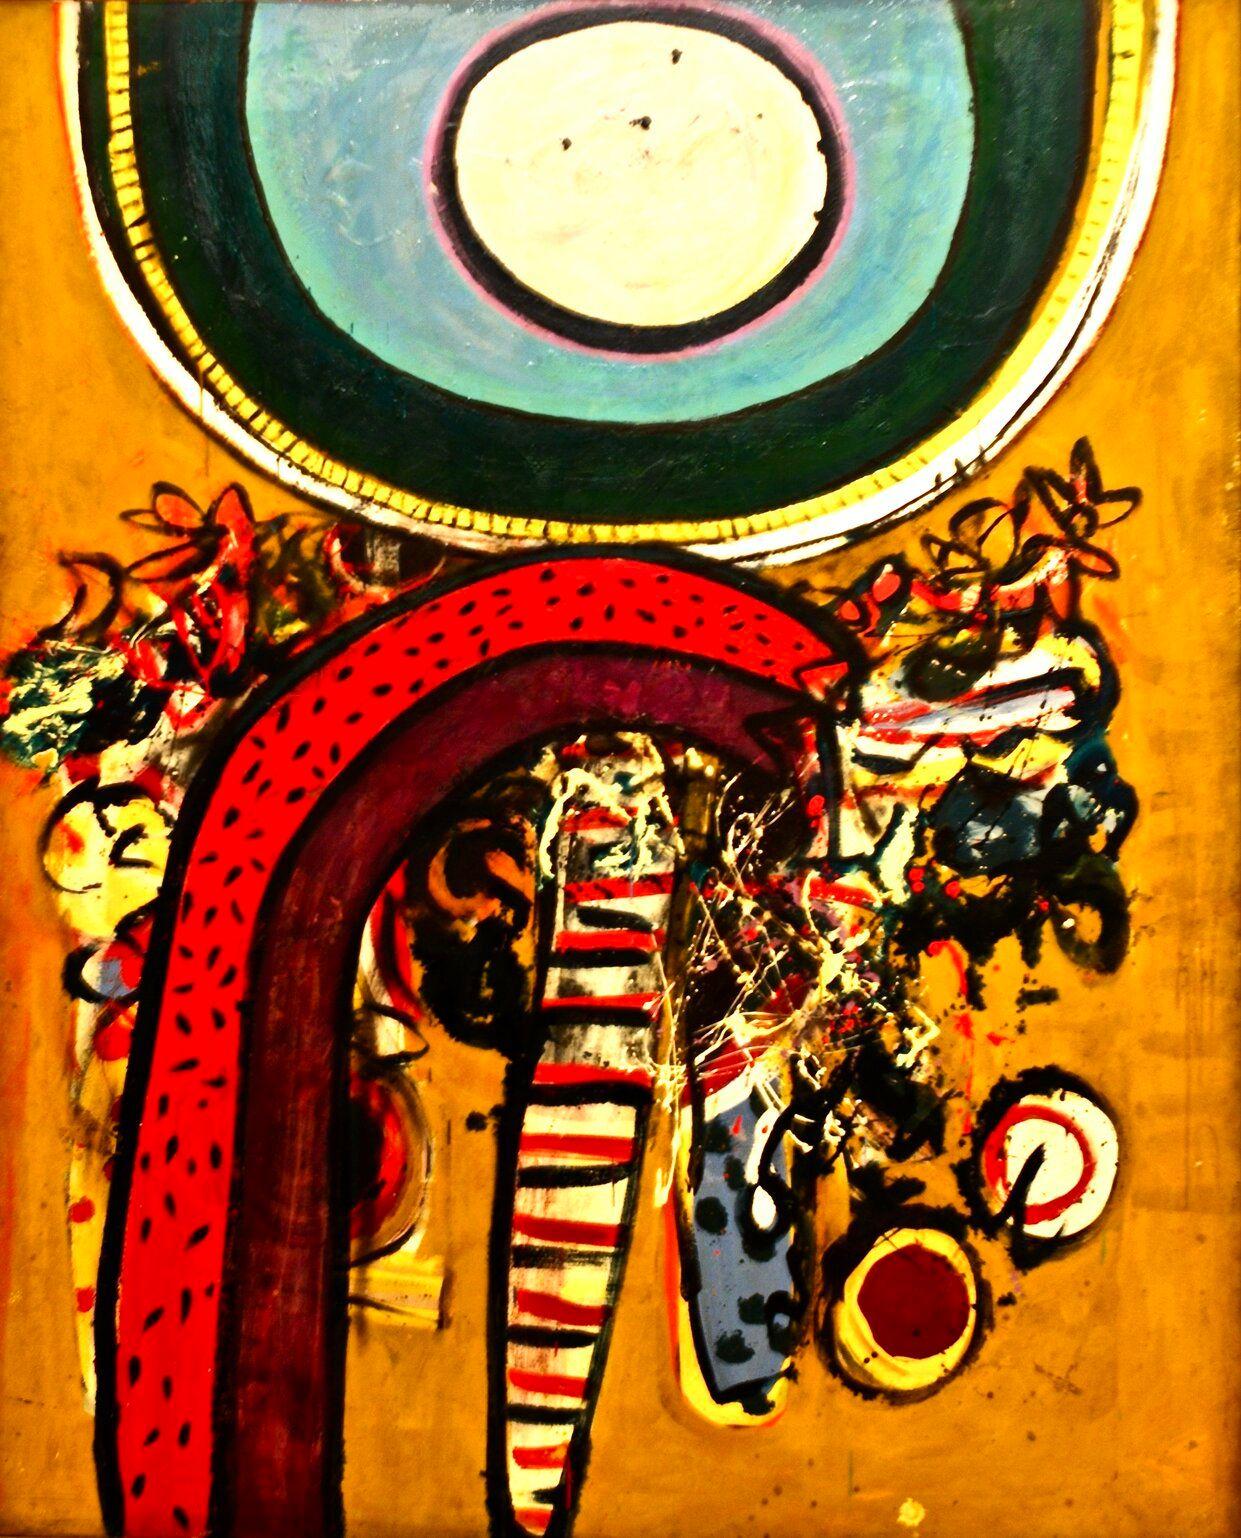 rsz_portrait_of_a_buddhist_1960_-_alan_davie_1920-2014_31397889698